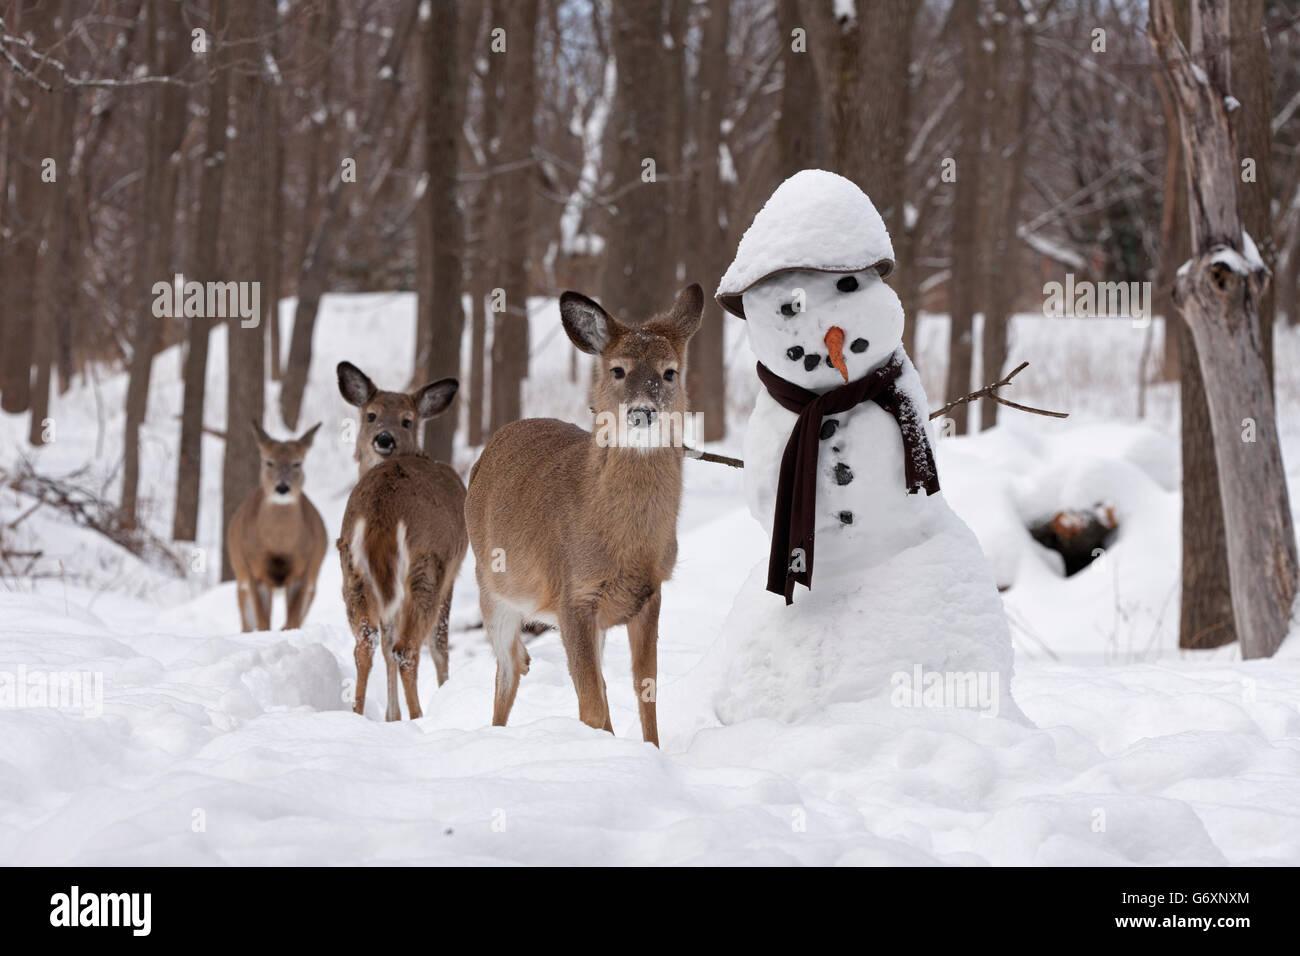 Cervi in inverno, pupazzo di neve Immagini Stock